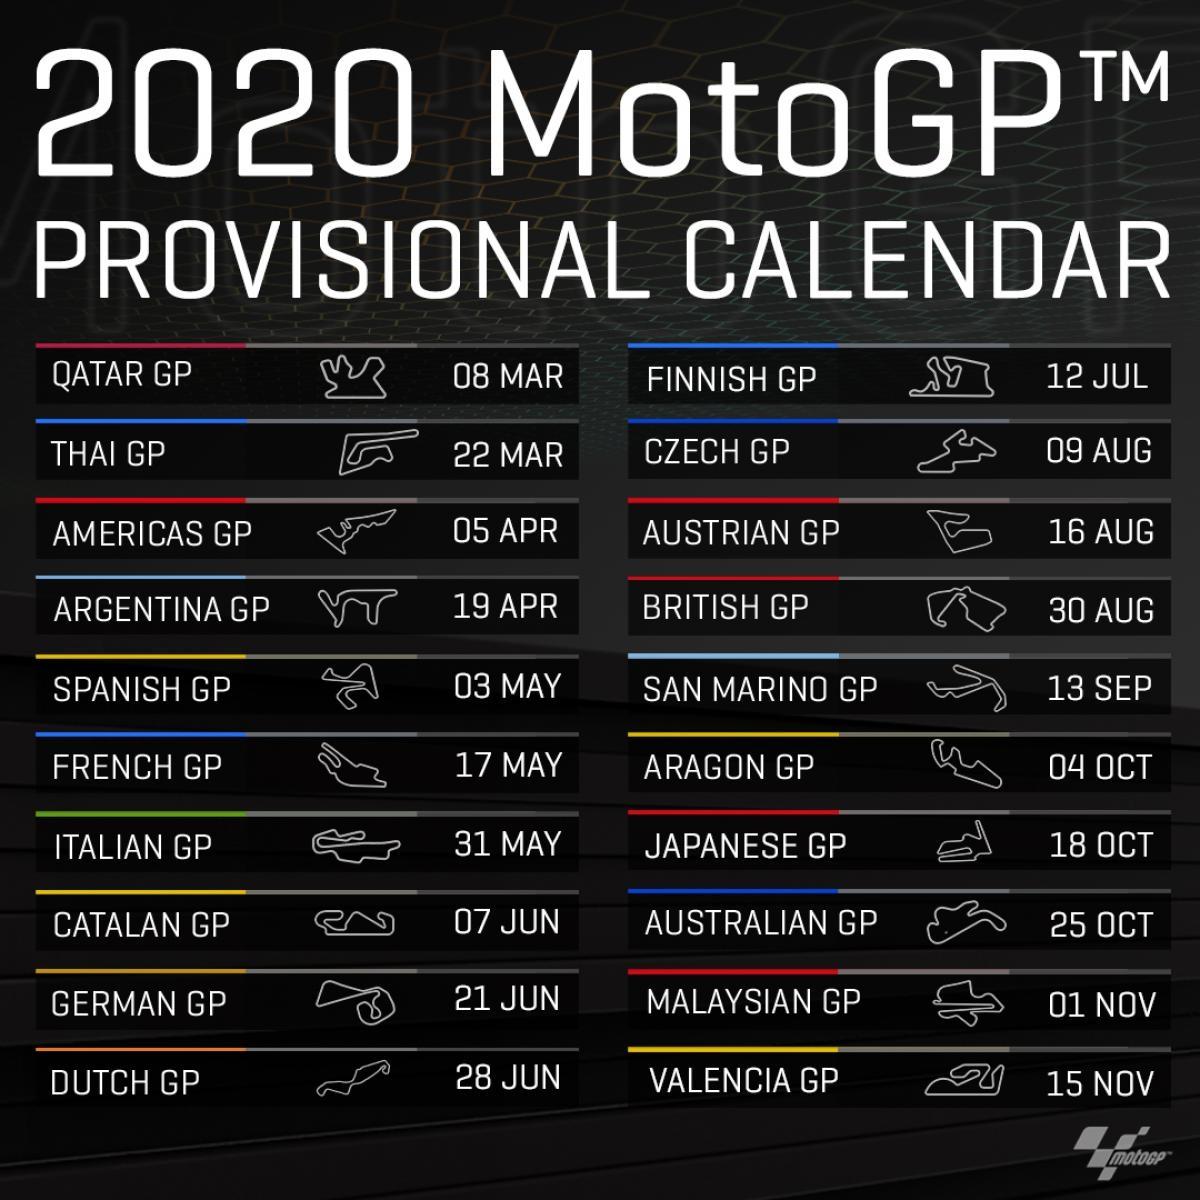 Calendrier Moto Gp 2020.Dit Is De Motogp Kalender Van 2020